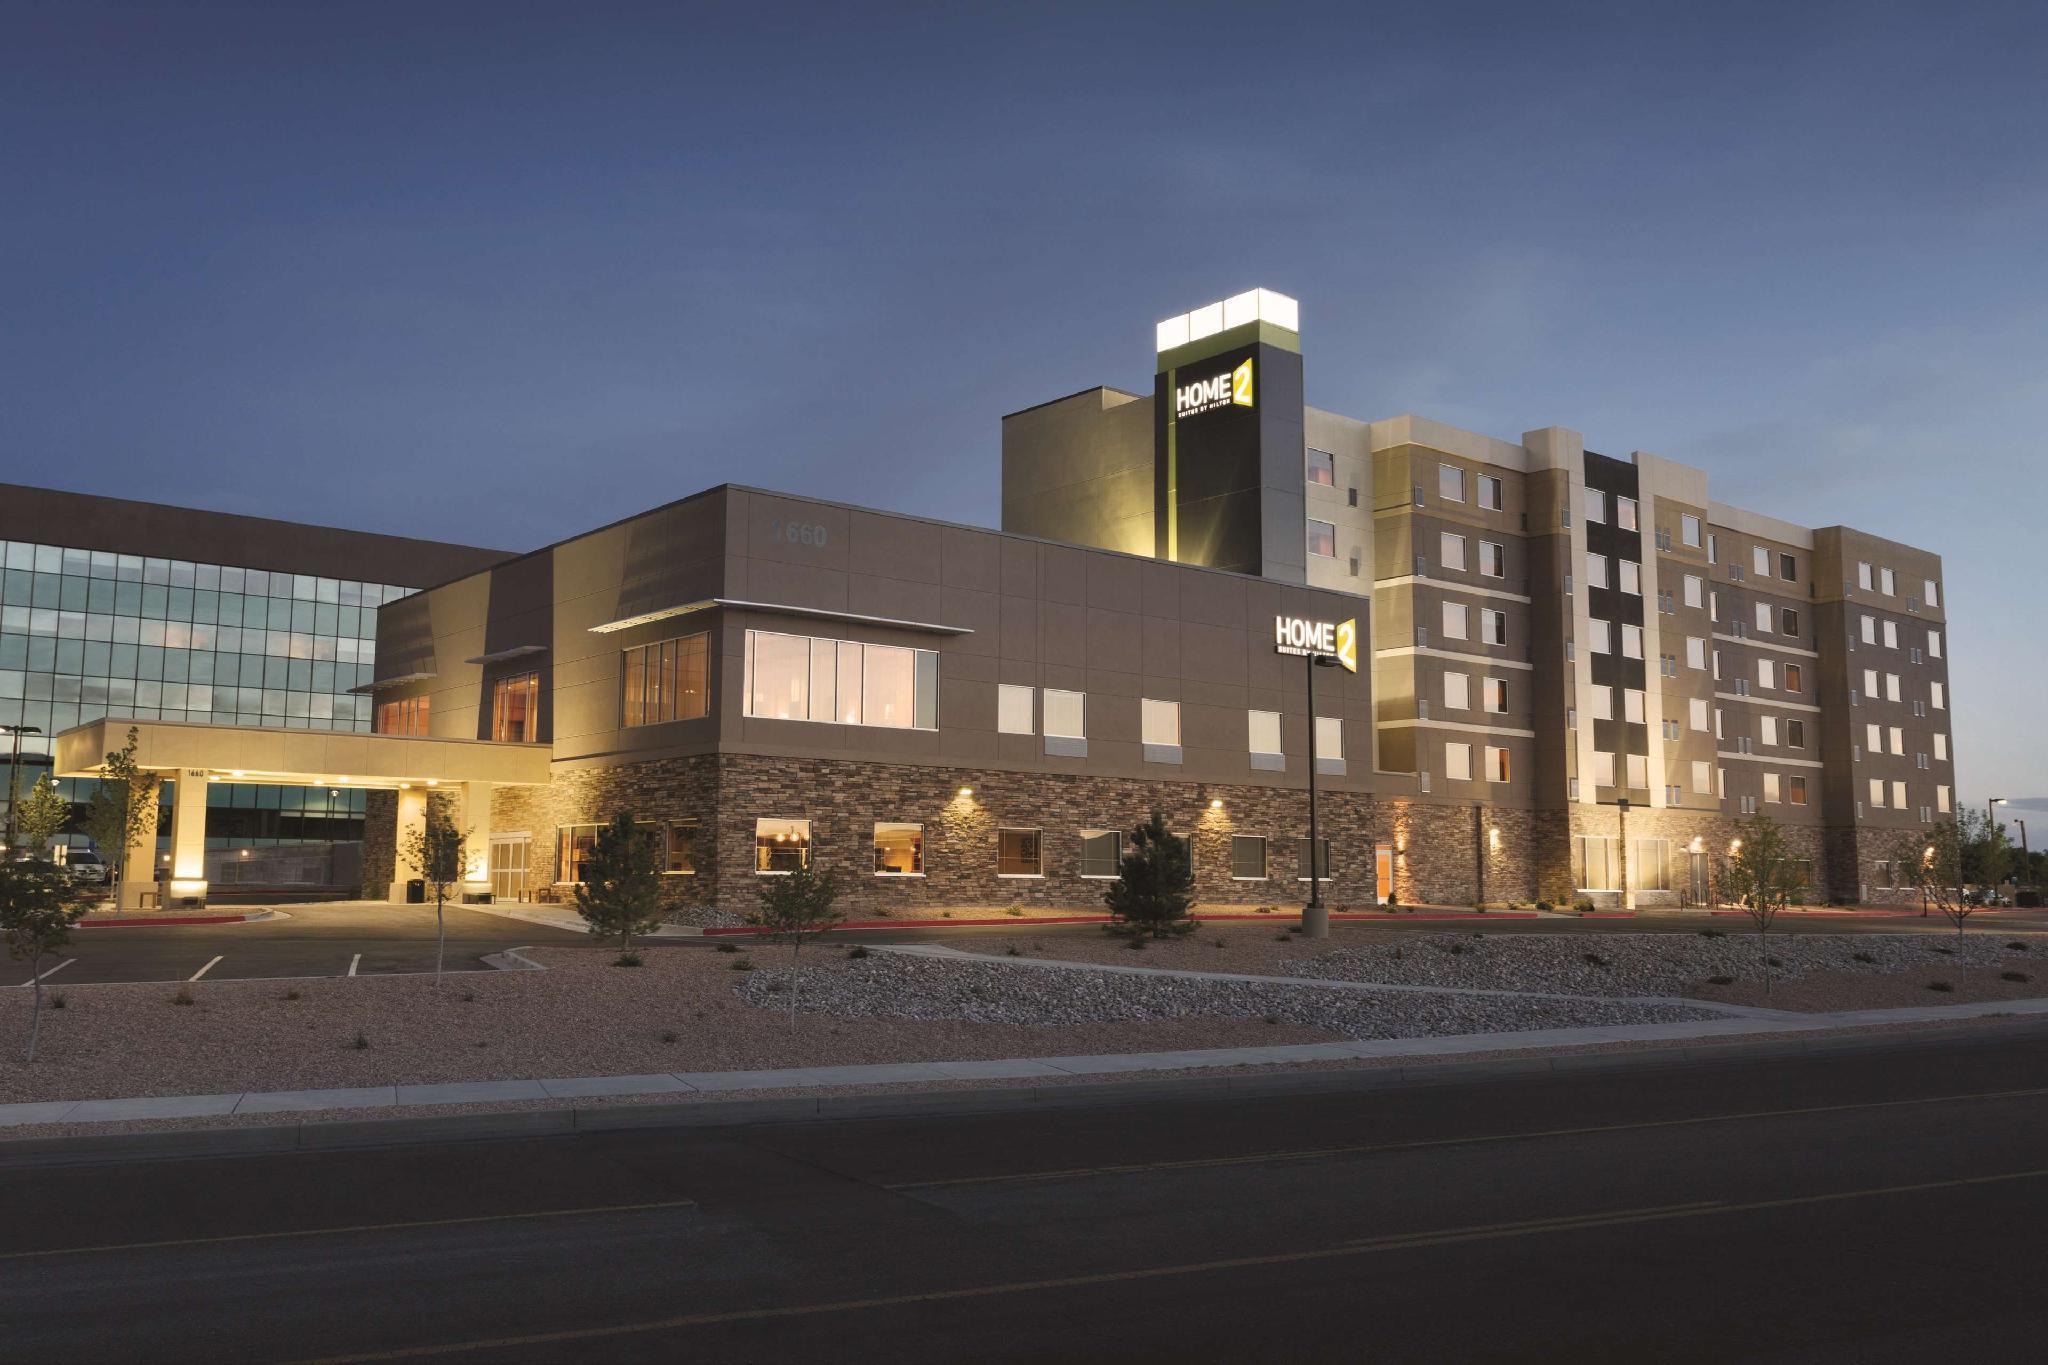 Home2 Suites By Hilton Albuquerque Downtown University